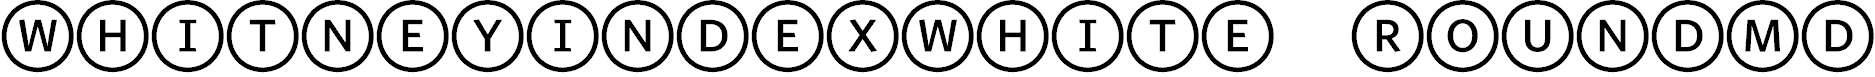 WhitneyIndexWhite-RoundMd